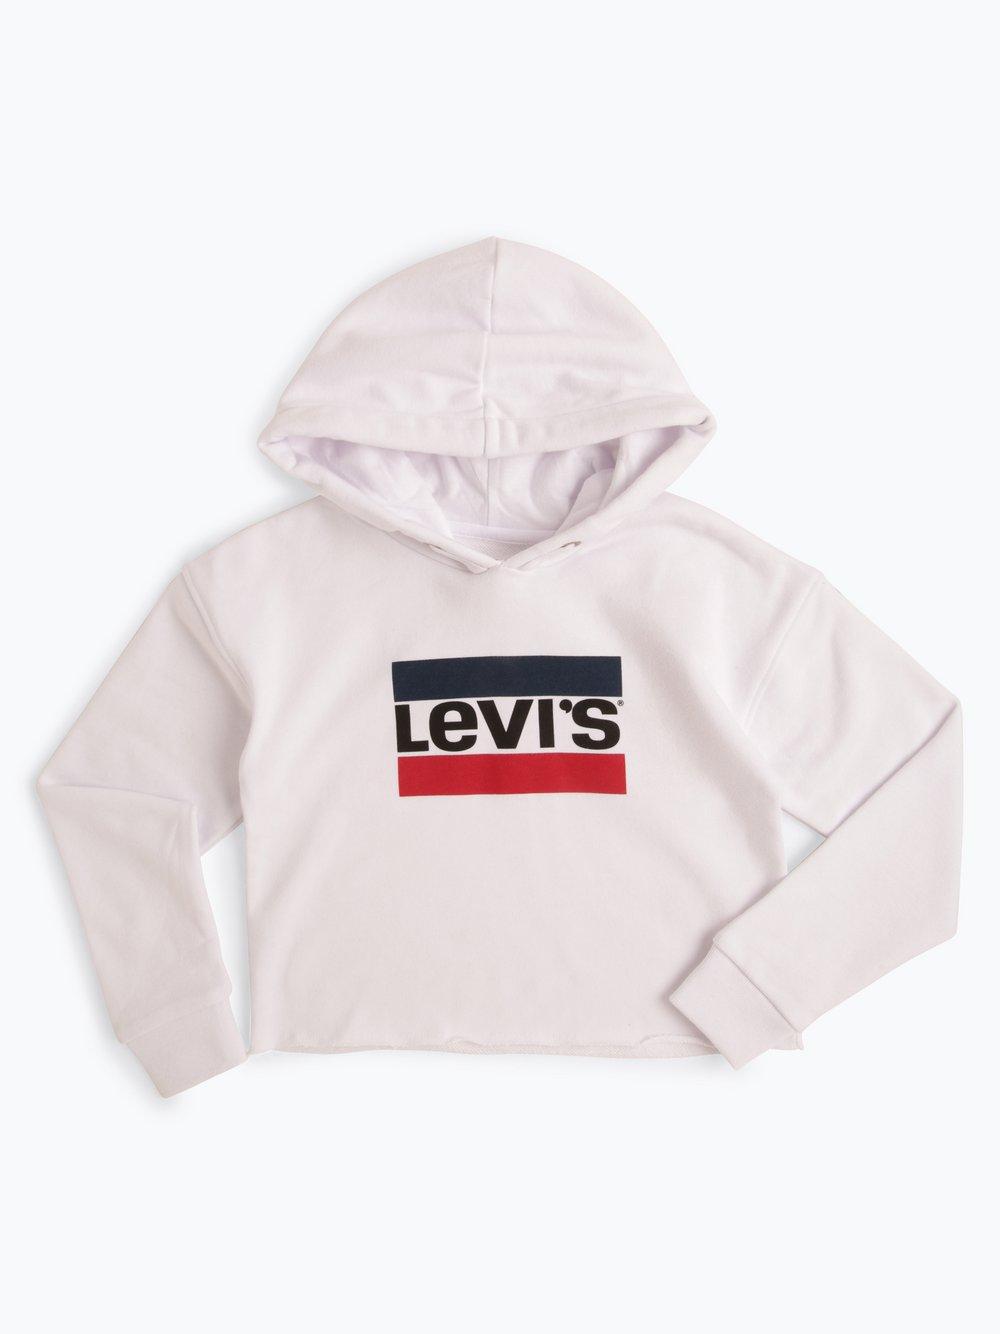 großer Verkauf Neuankömmlinge gute Qualität Mädchen Sweatshirt